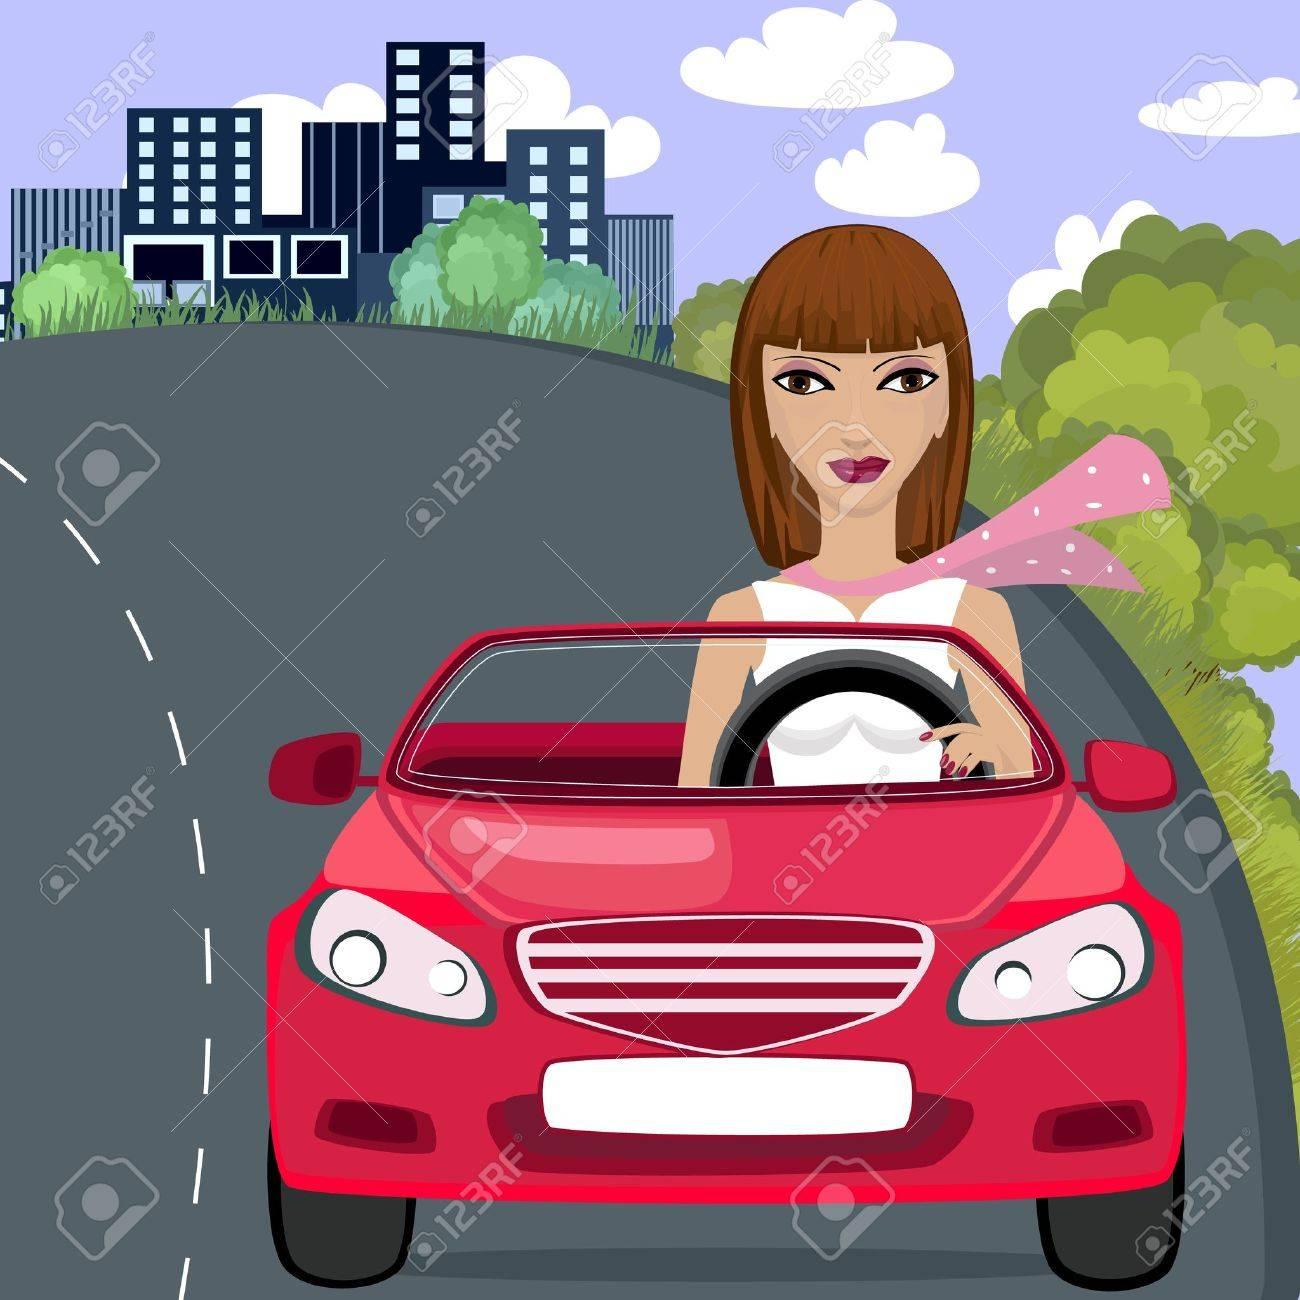 girl in red car Stock Vector - 9354885